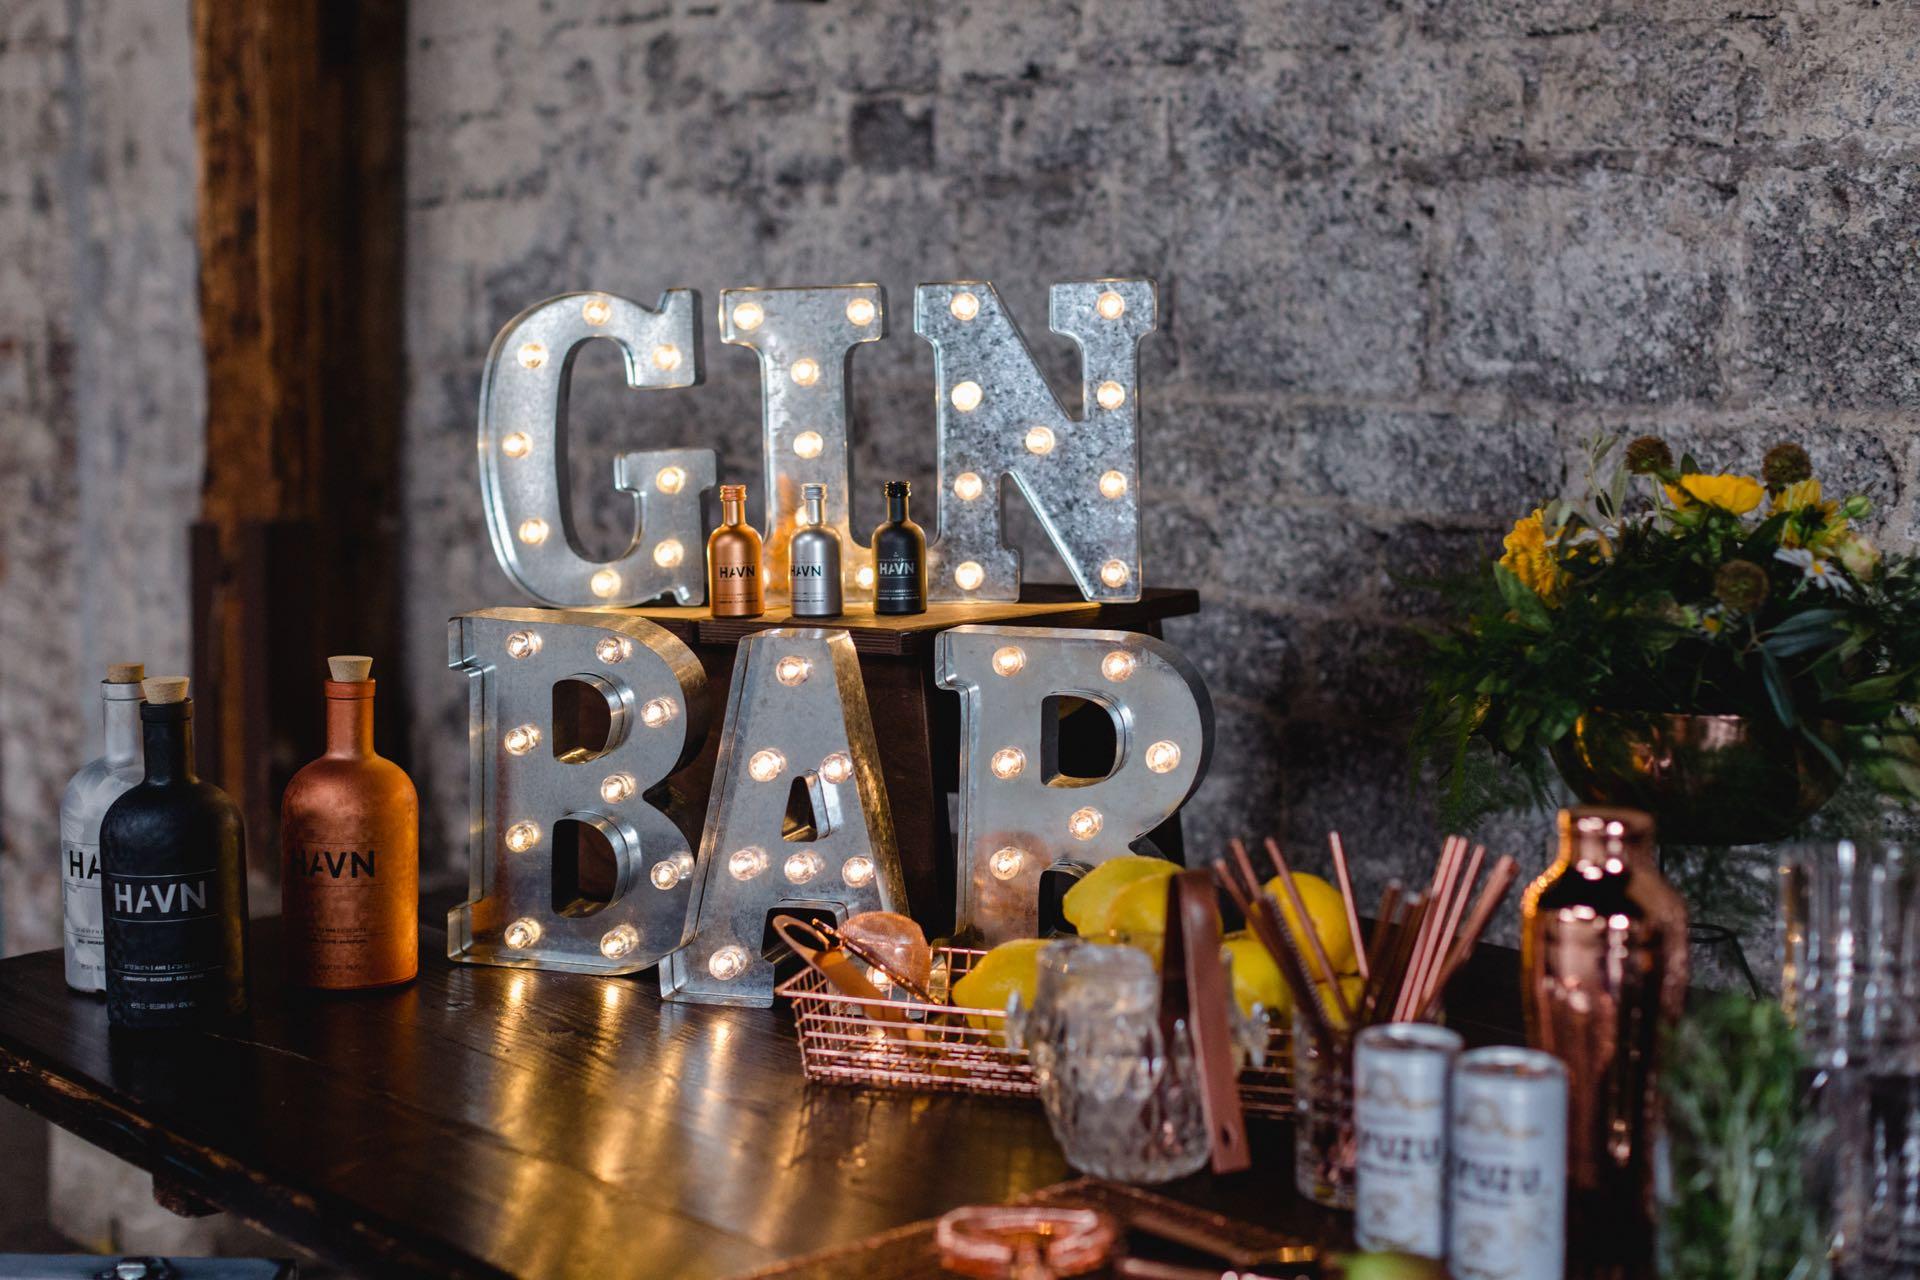 gin-bar-mein-distrikt-2